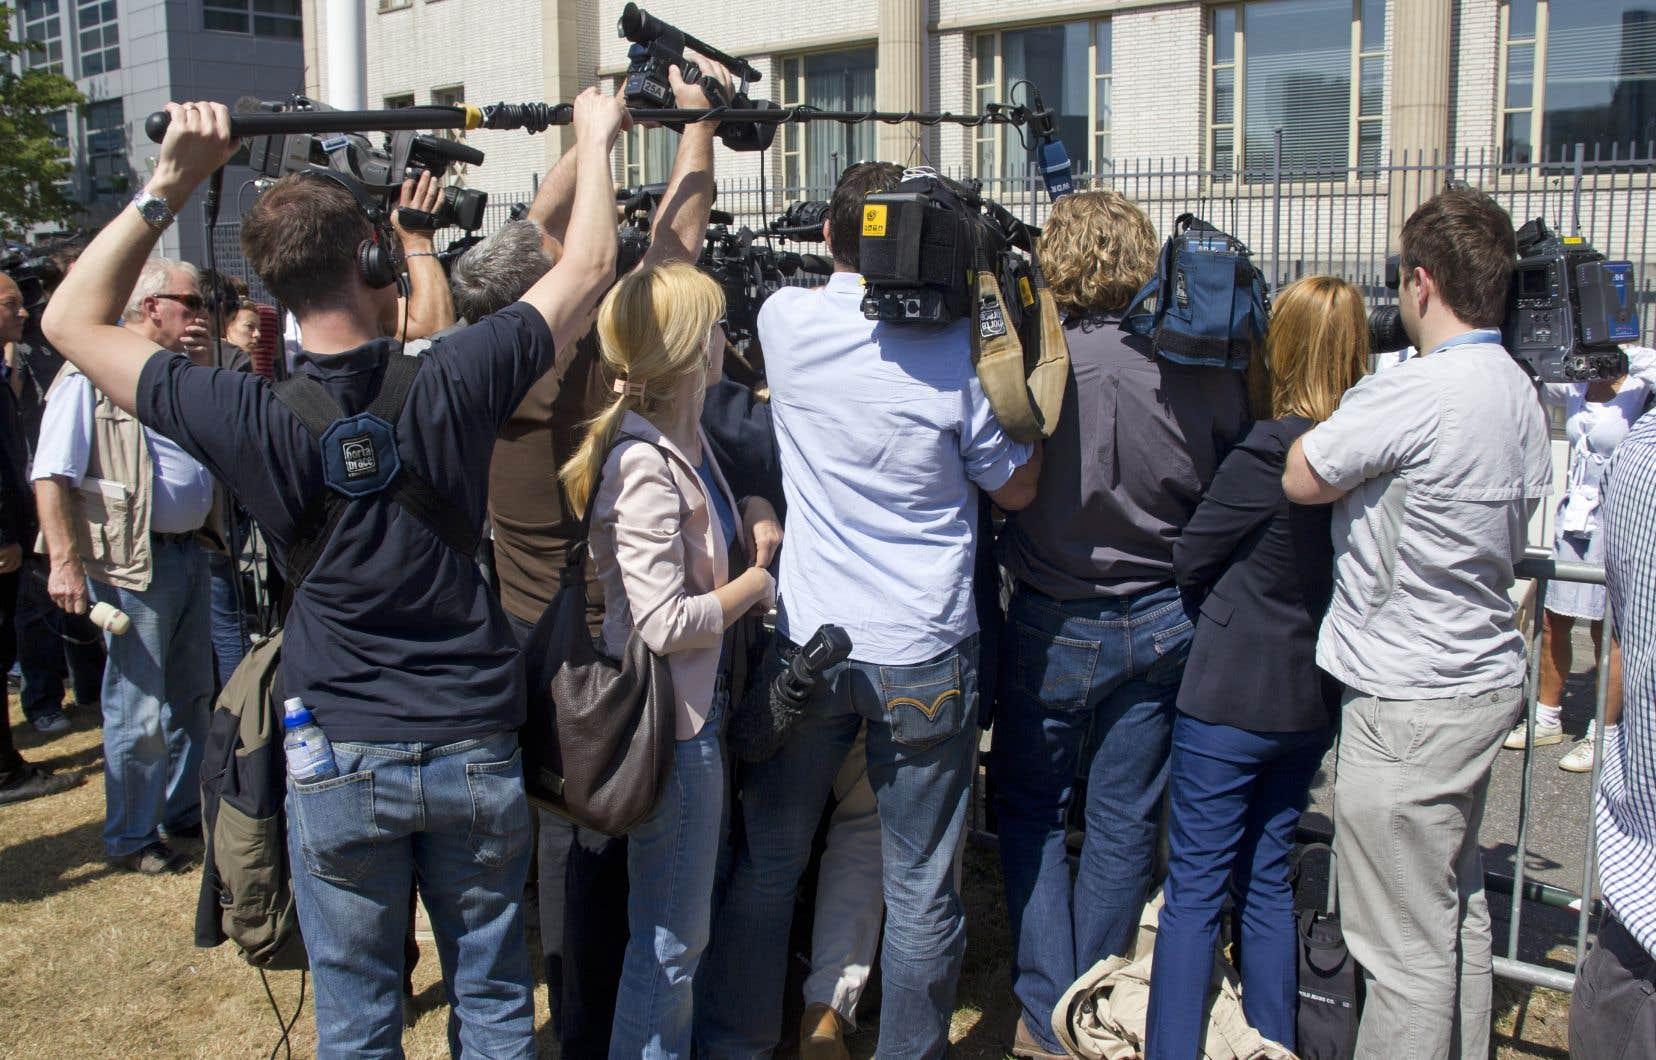 «Si les médias prétendent protéger le public, qui protège le public des médias?» s'interroge l'auteur.